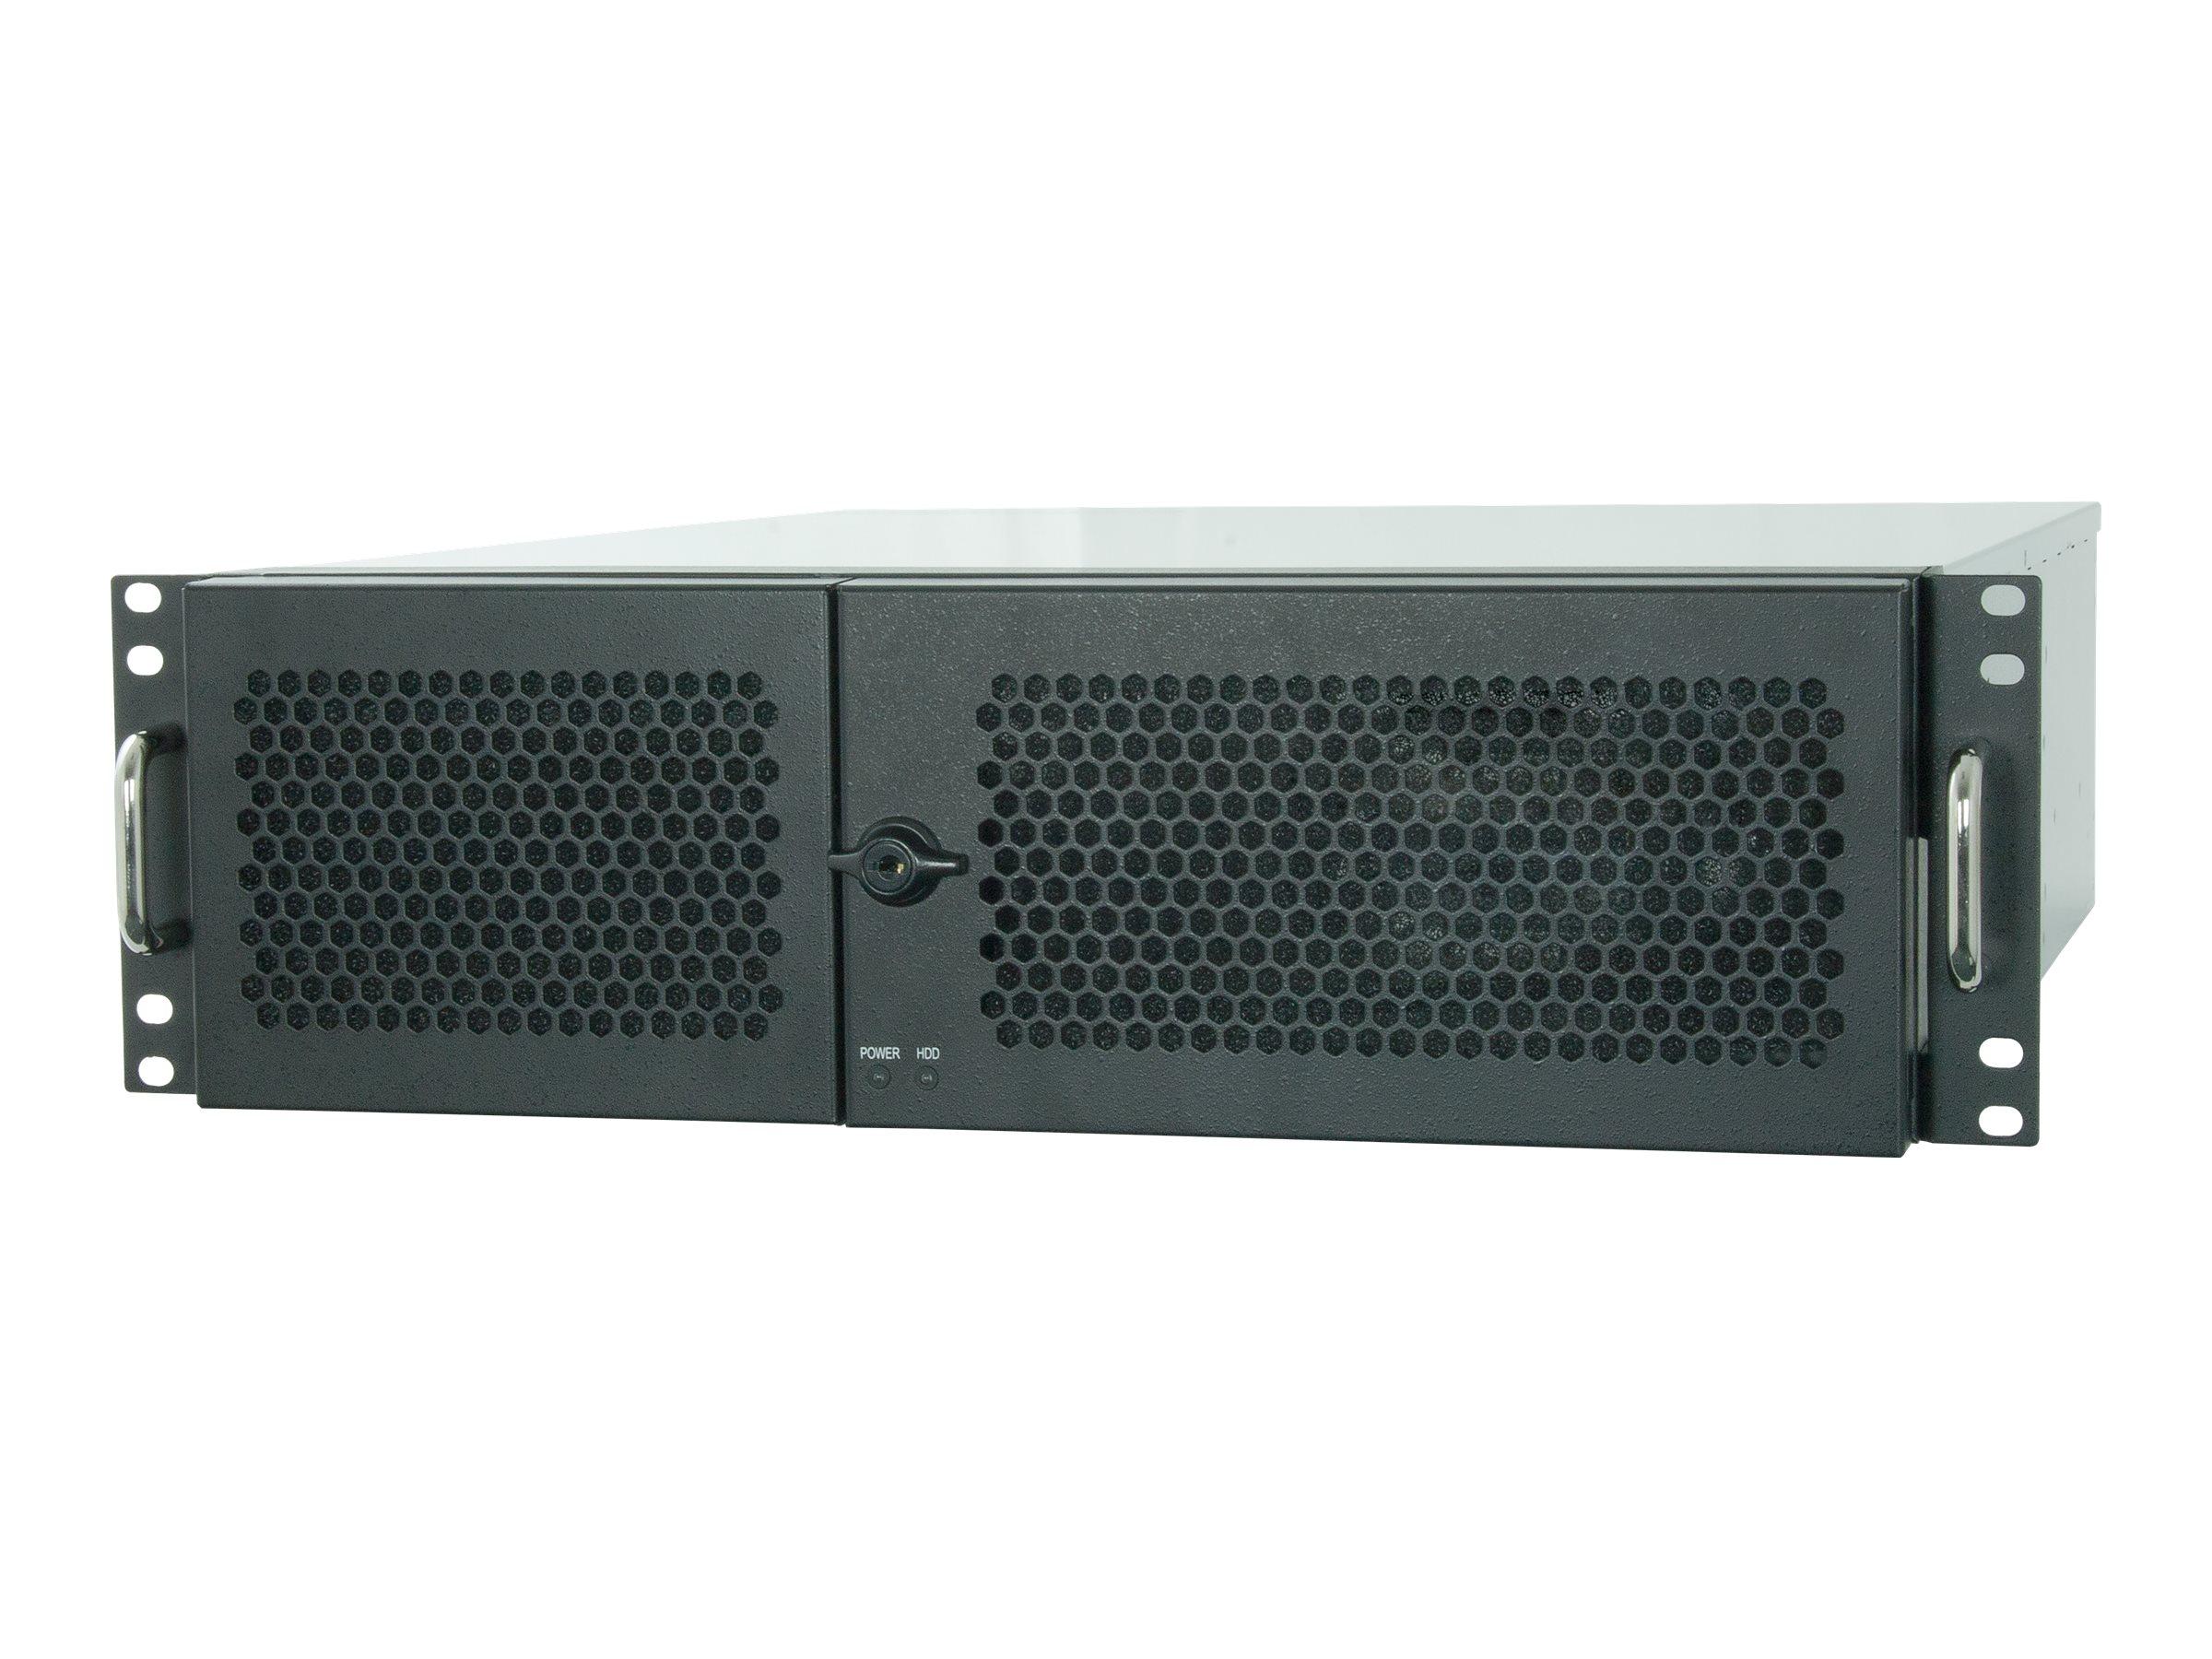 Chieftec UNC-310A-B - Rack - einbaufähig - 3U - ATX - ohne Netzteil (ATX)